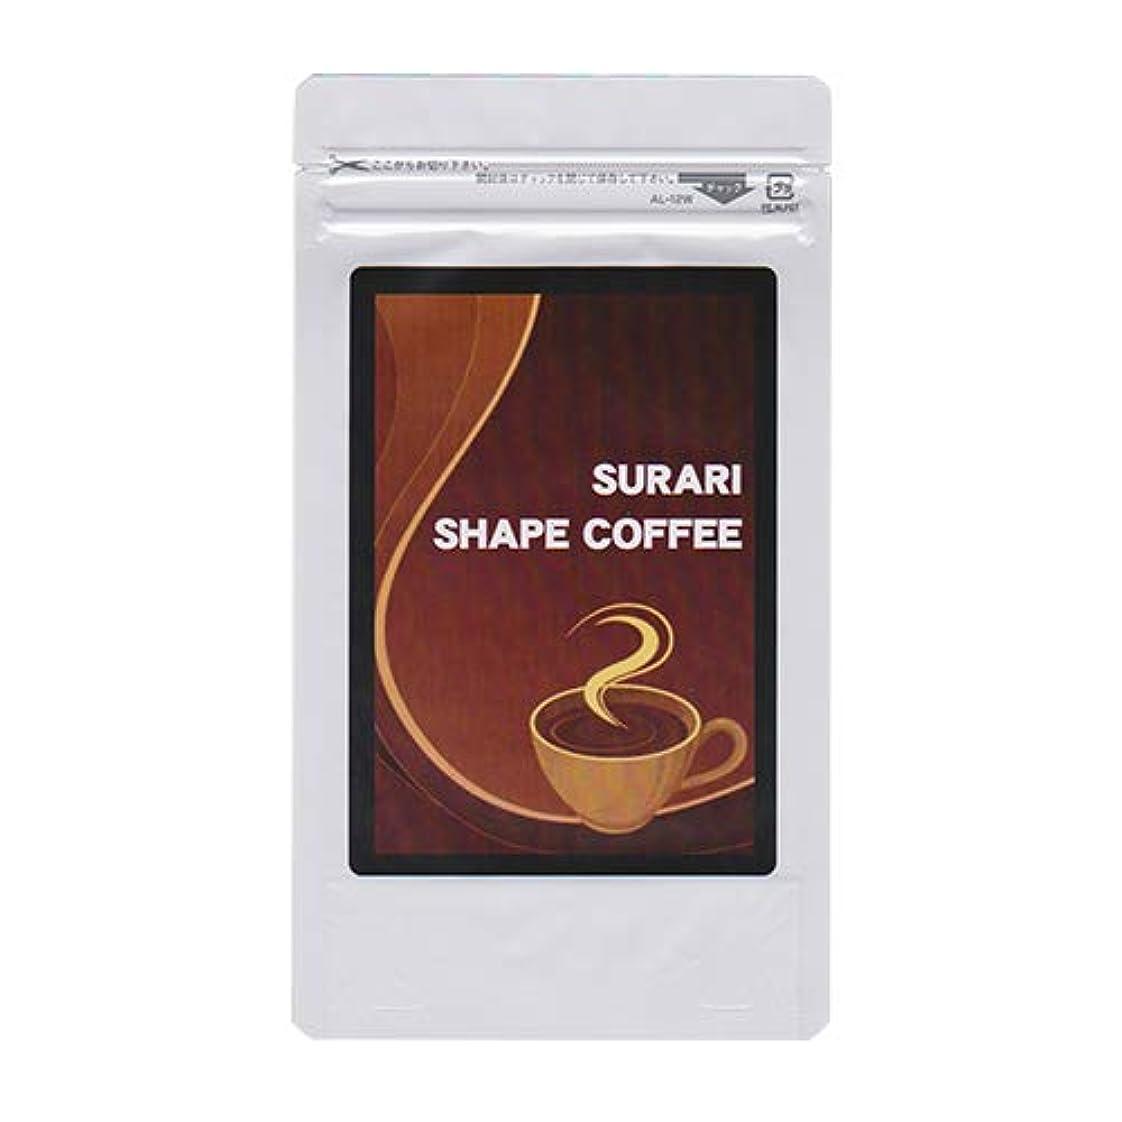 郡納税者放射するSURARI SHAPE COFFEE スラリシェイプコーヒー ダイエットコーヒー